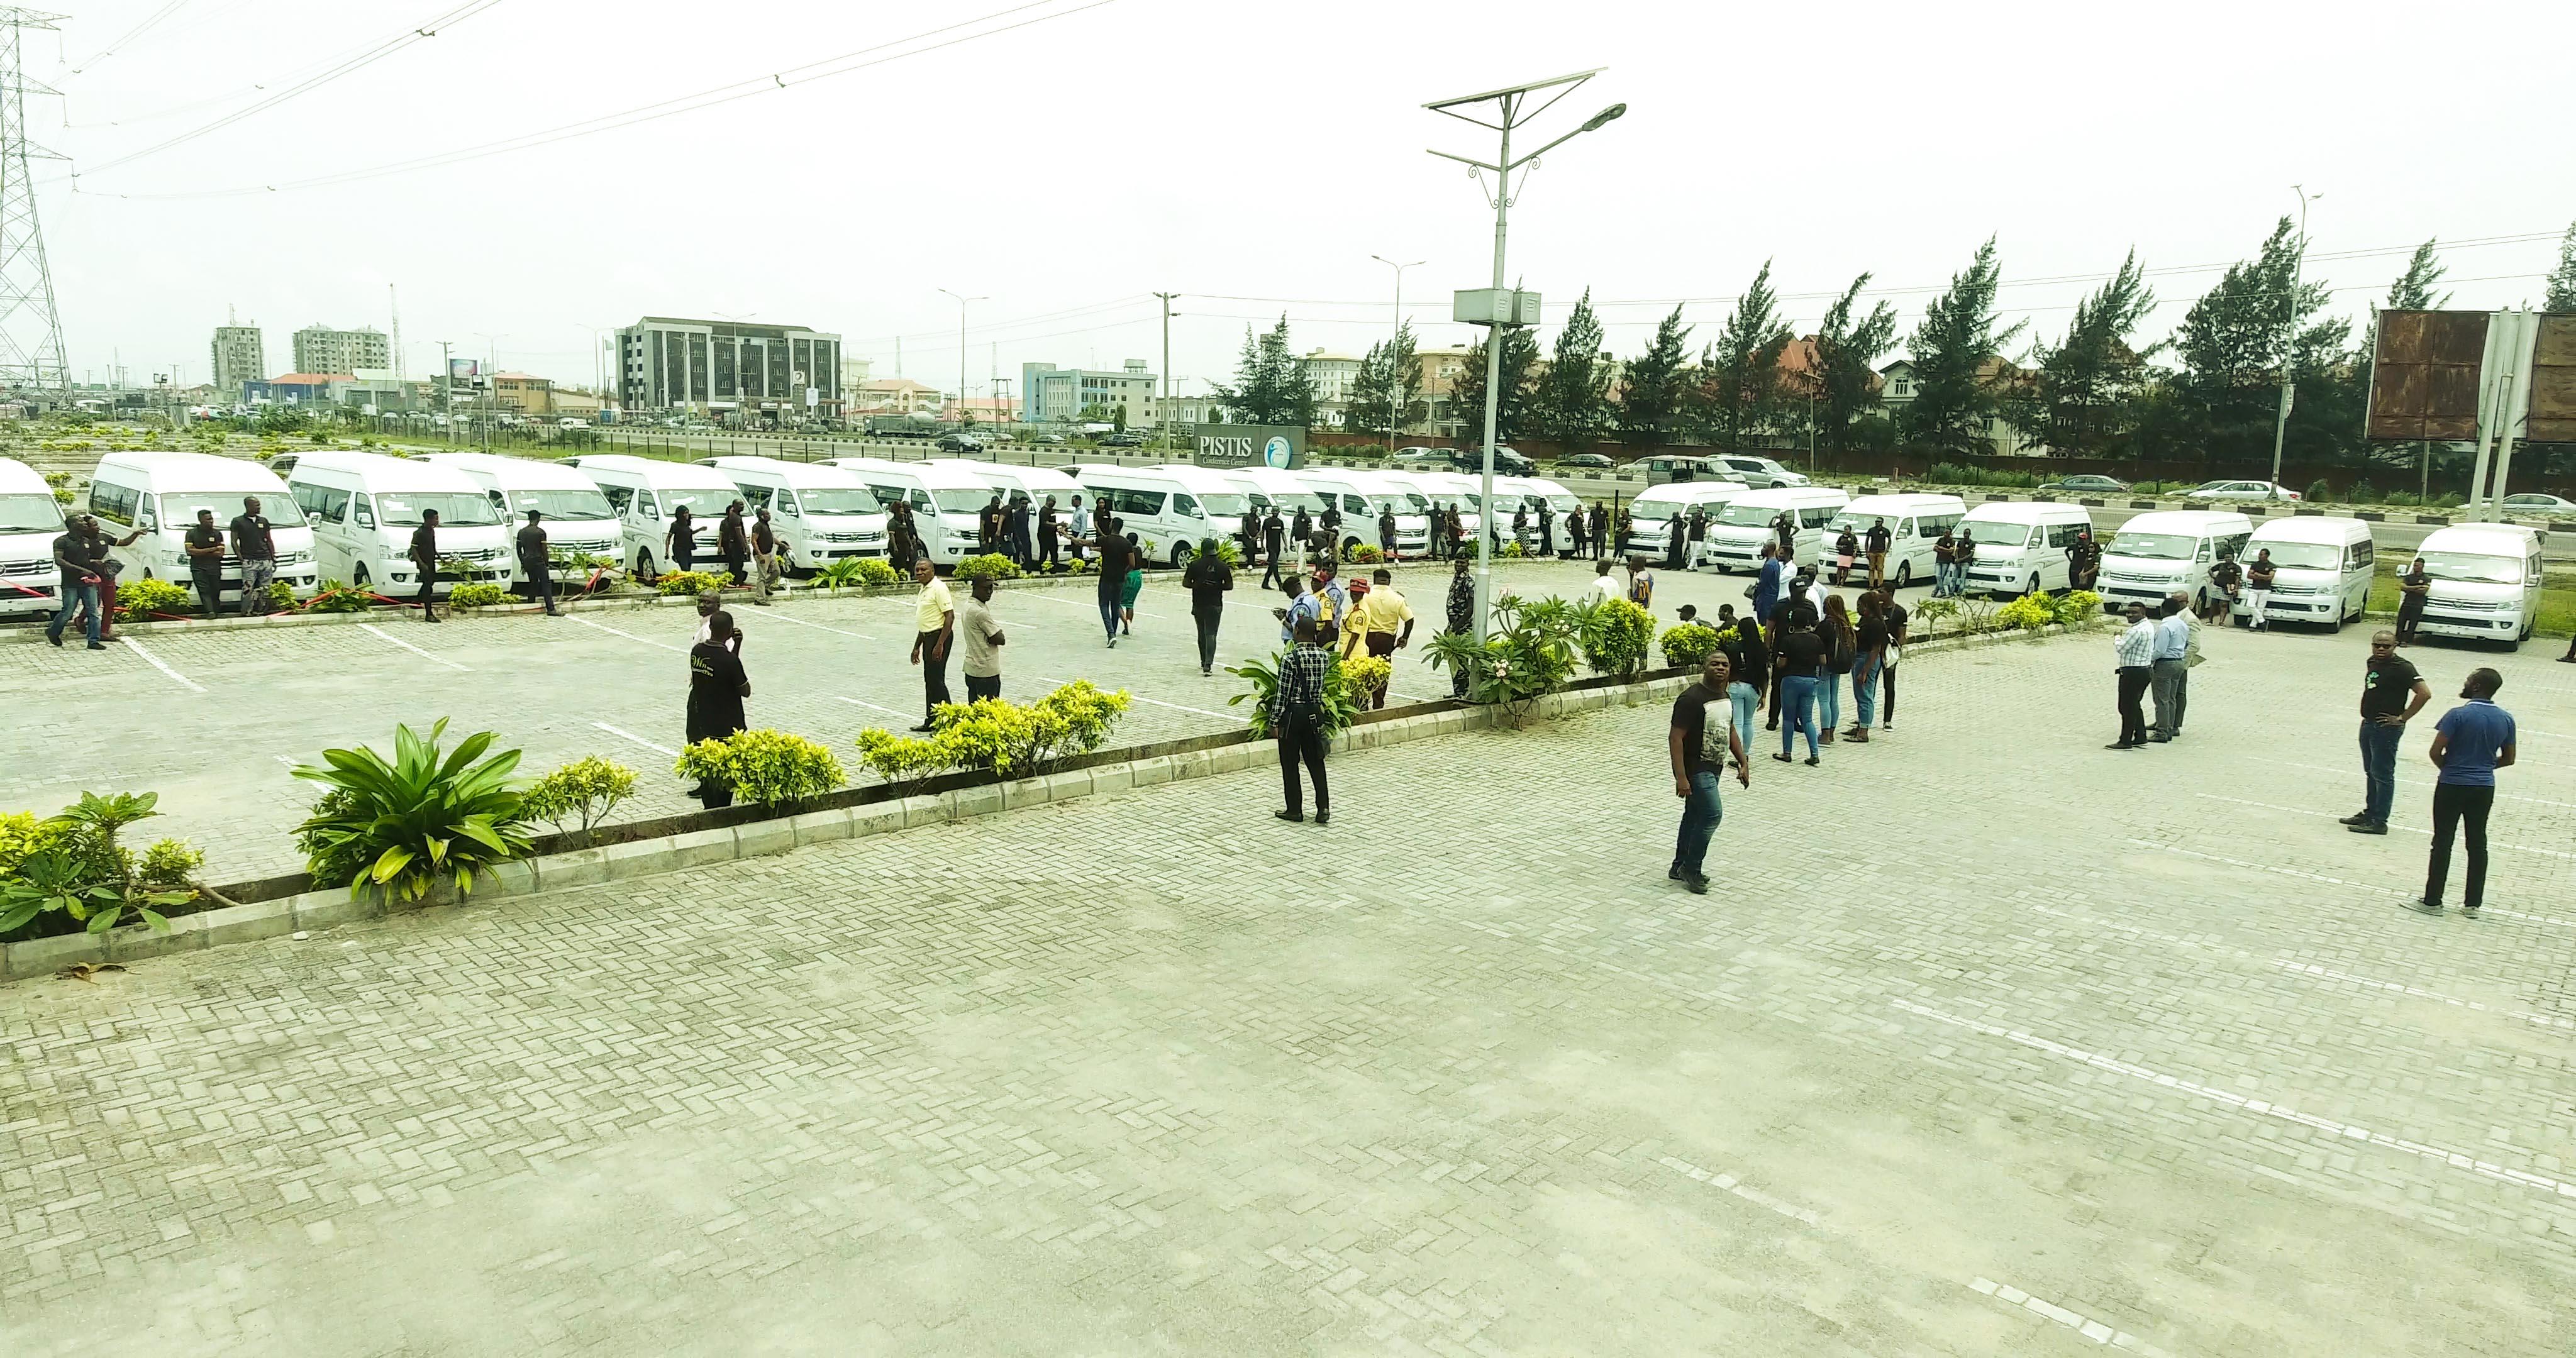 Pliots Standing next to their PlentyWaka bus